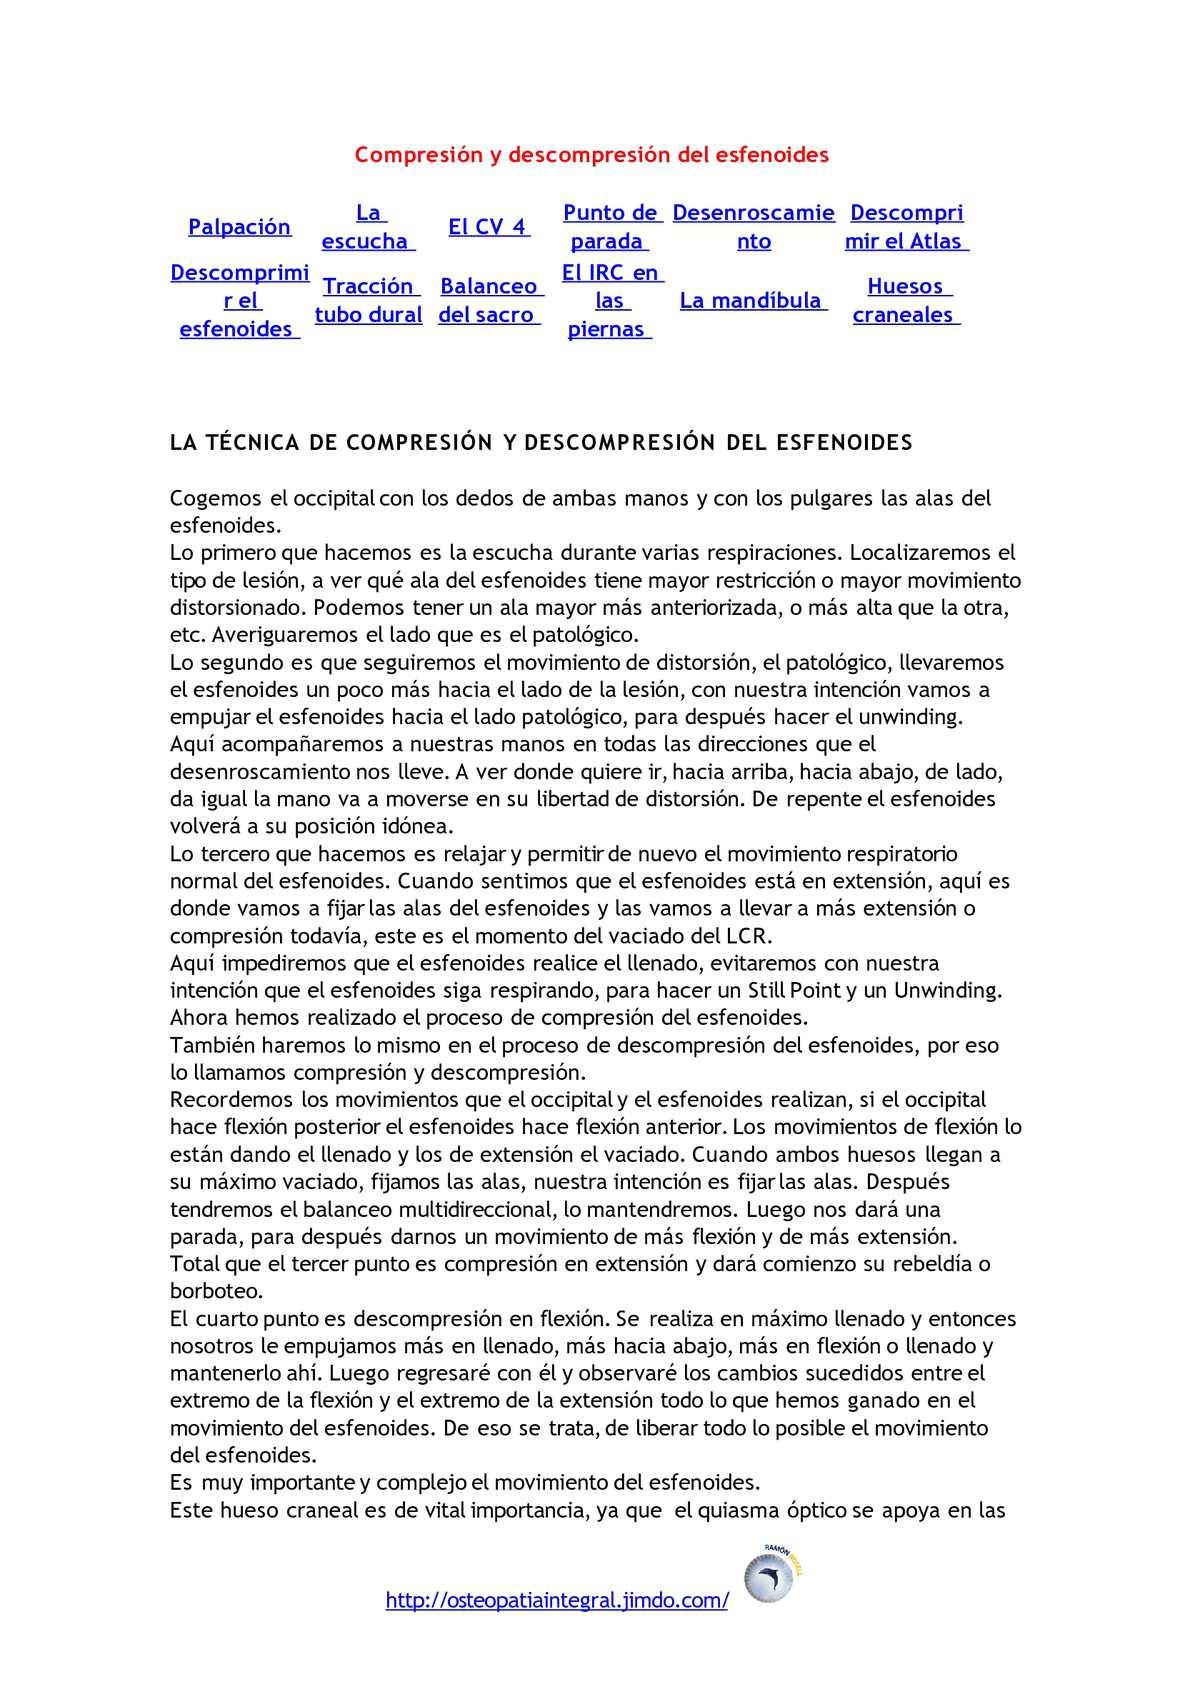 Compresión y descompresión del esfenoides